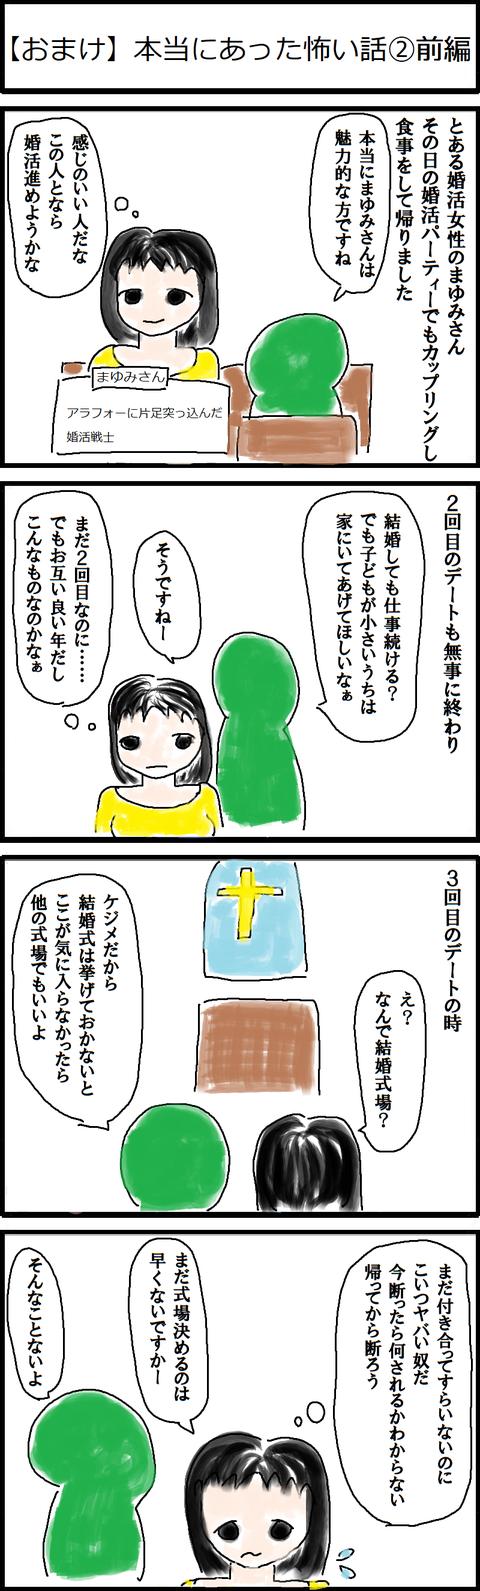 【おまけ】本当にあった怖い話②前編